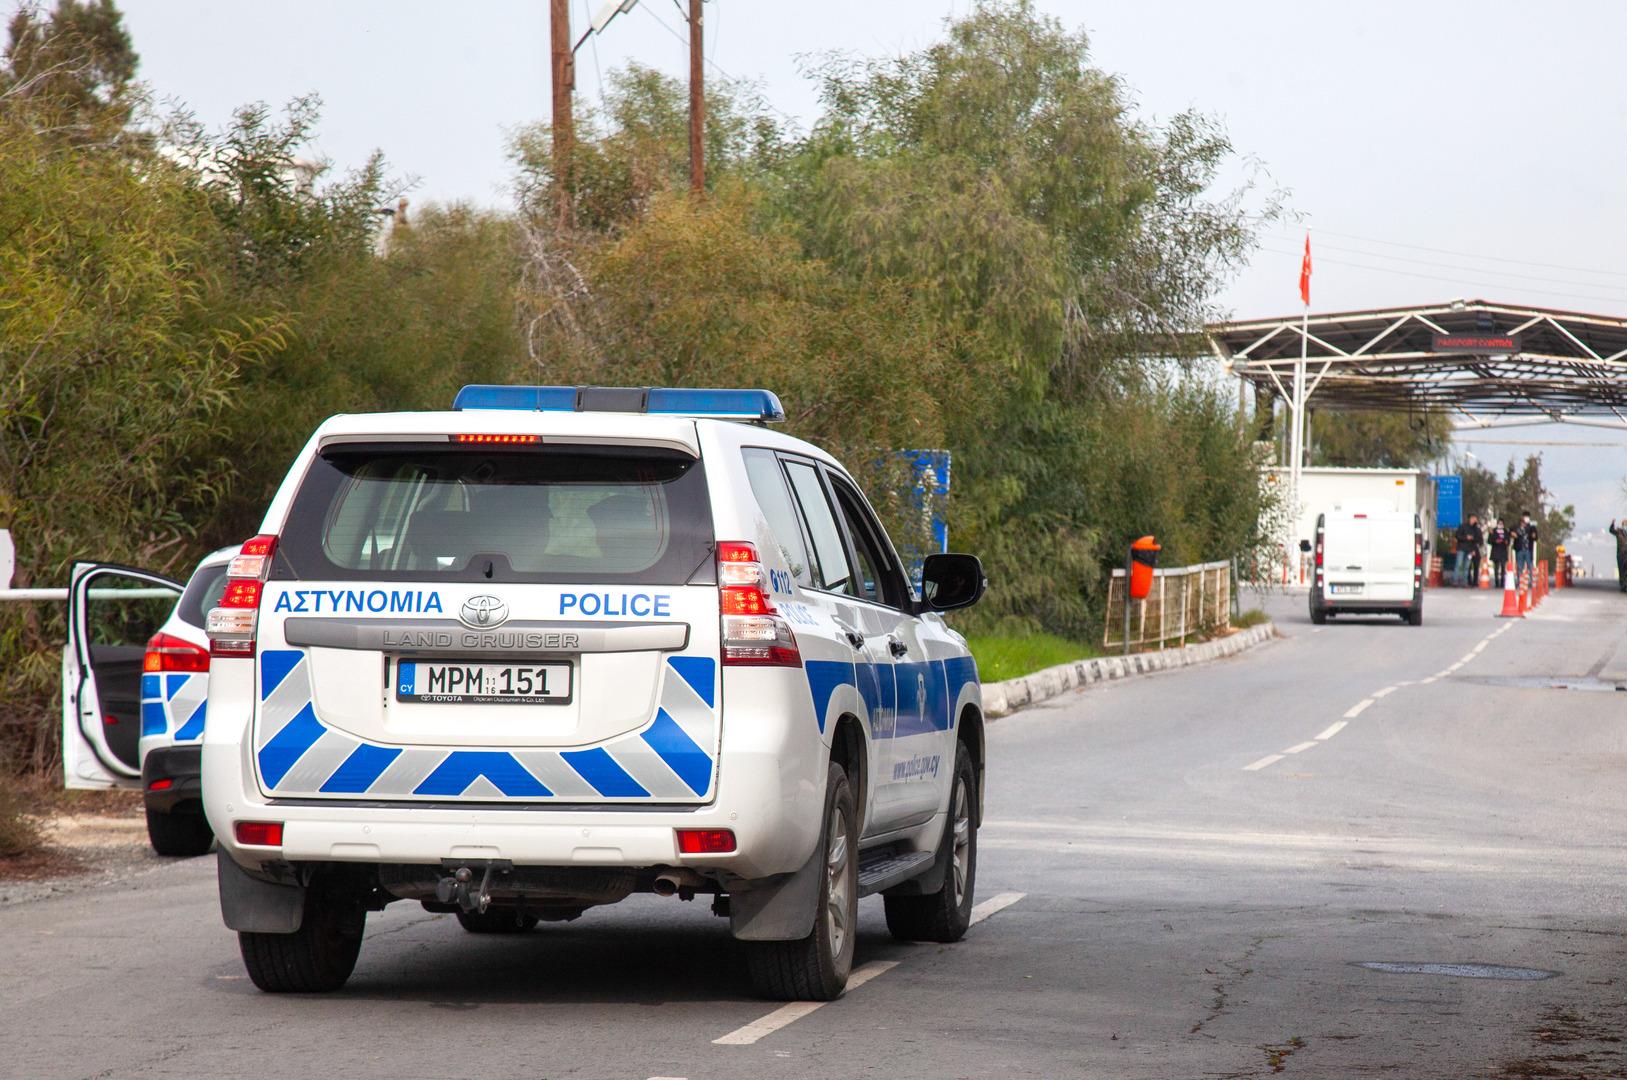 وسائل إعلام: سلطات قبرص ترجح دواع إرهابية في قضية المخطط المزعوم لاغتيال رجال أعمال إسرائيليين